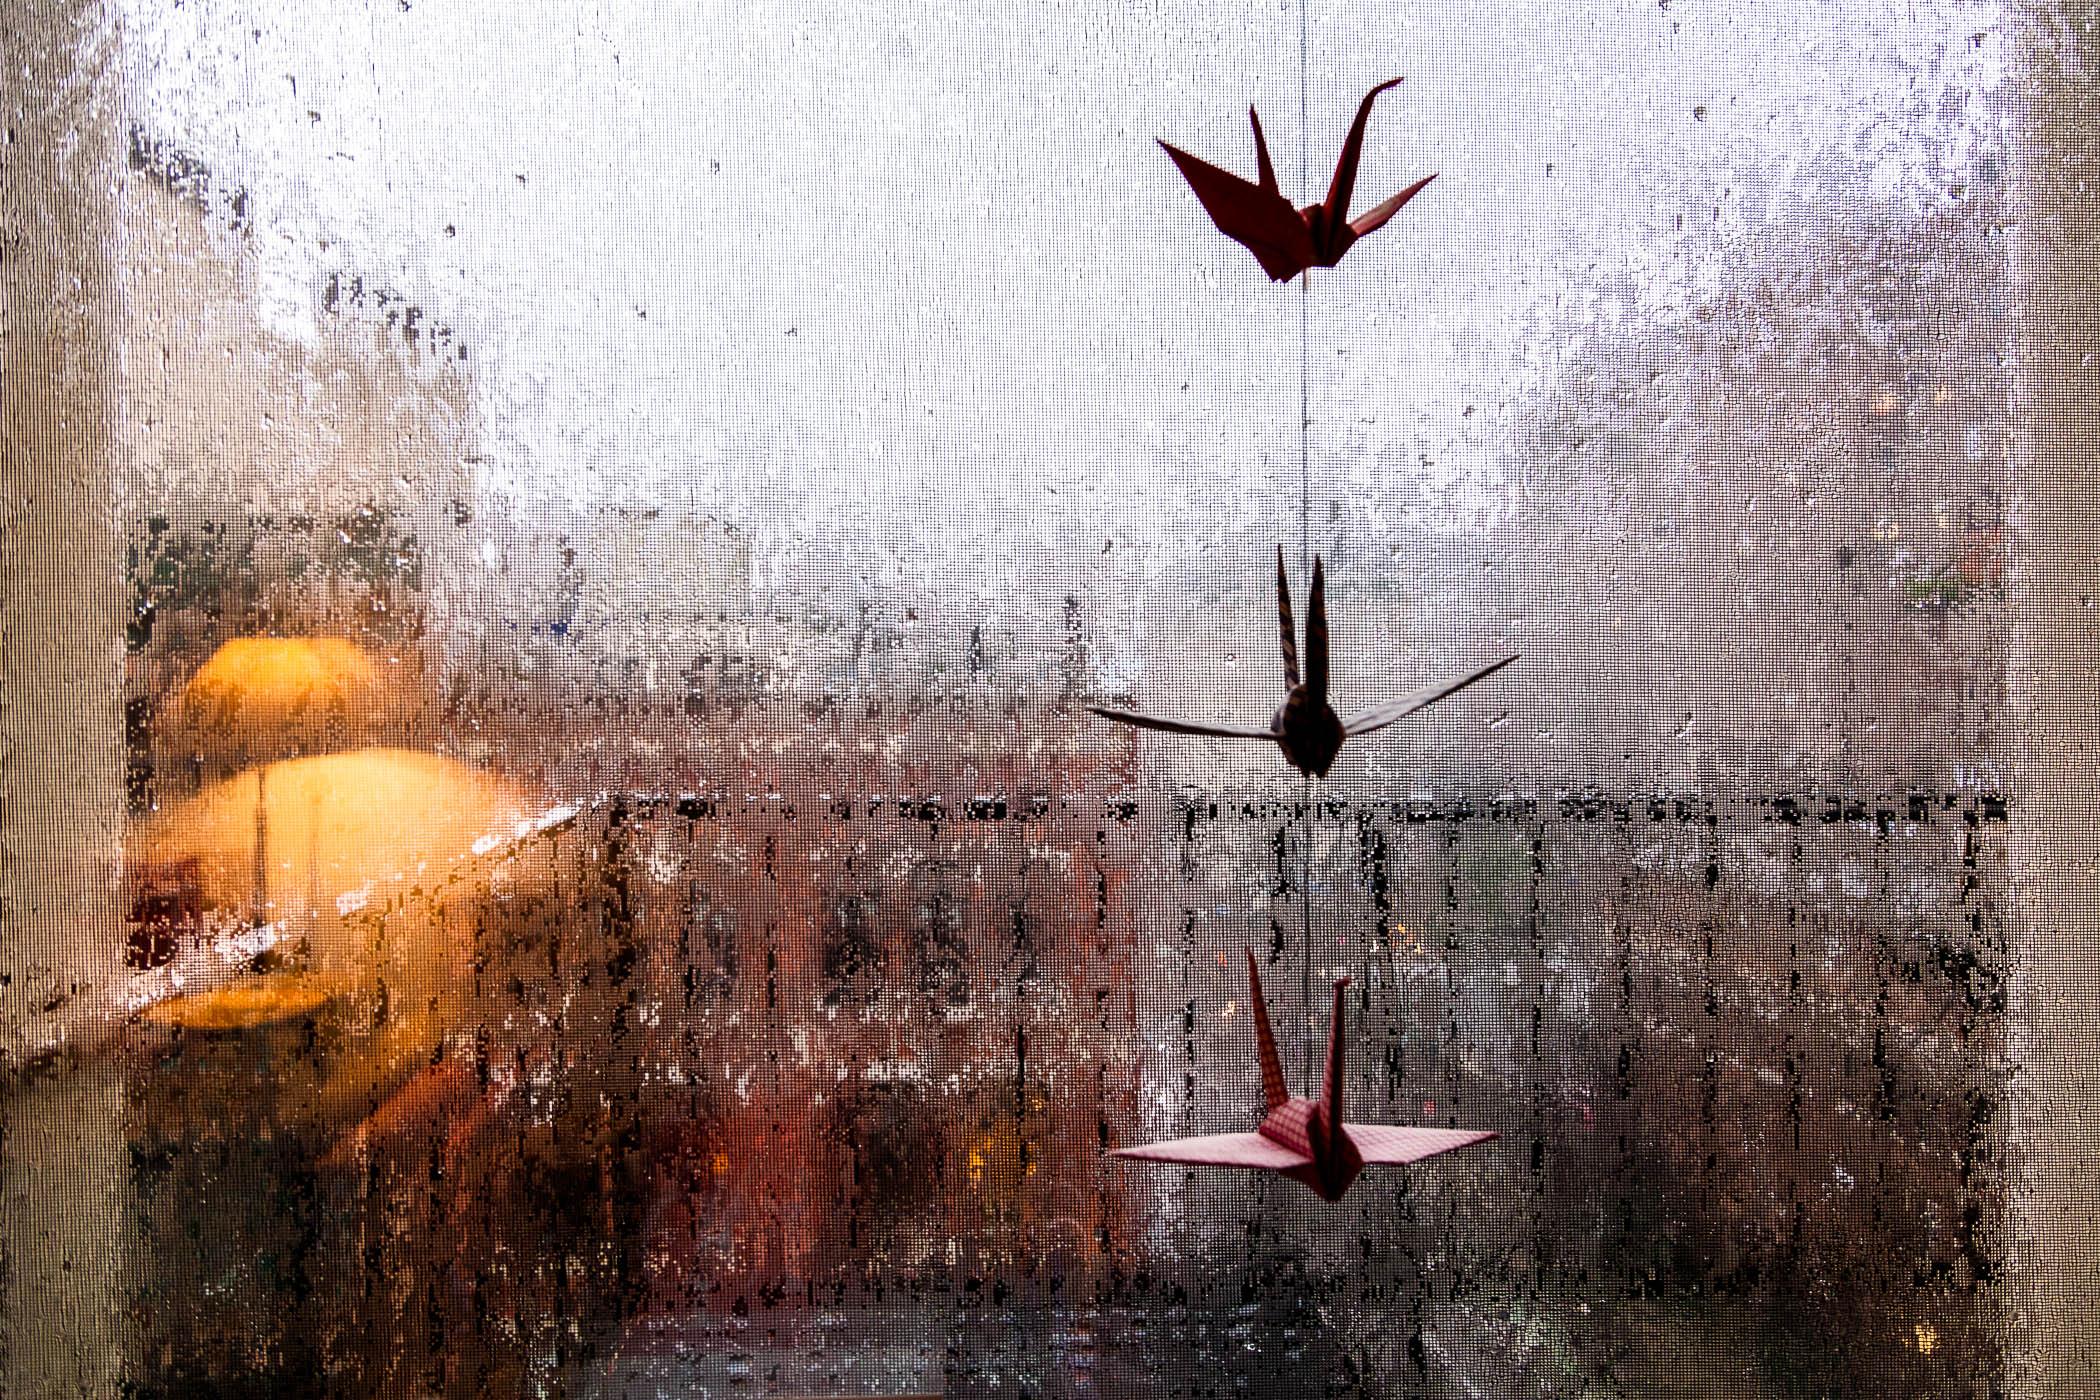 Rainy Day in Noho